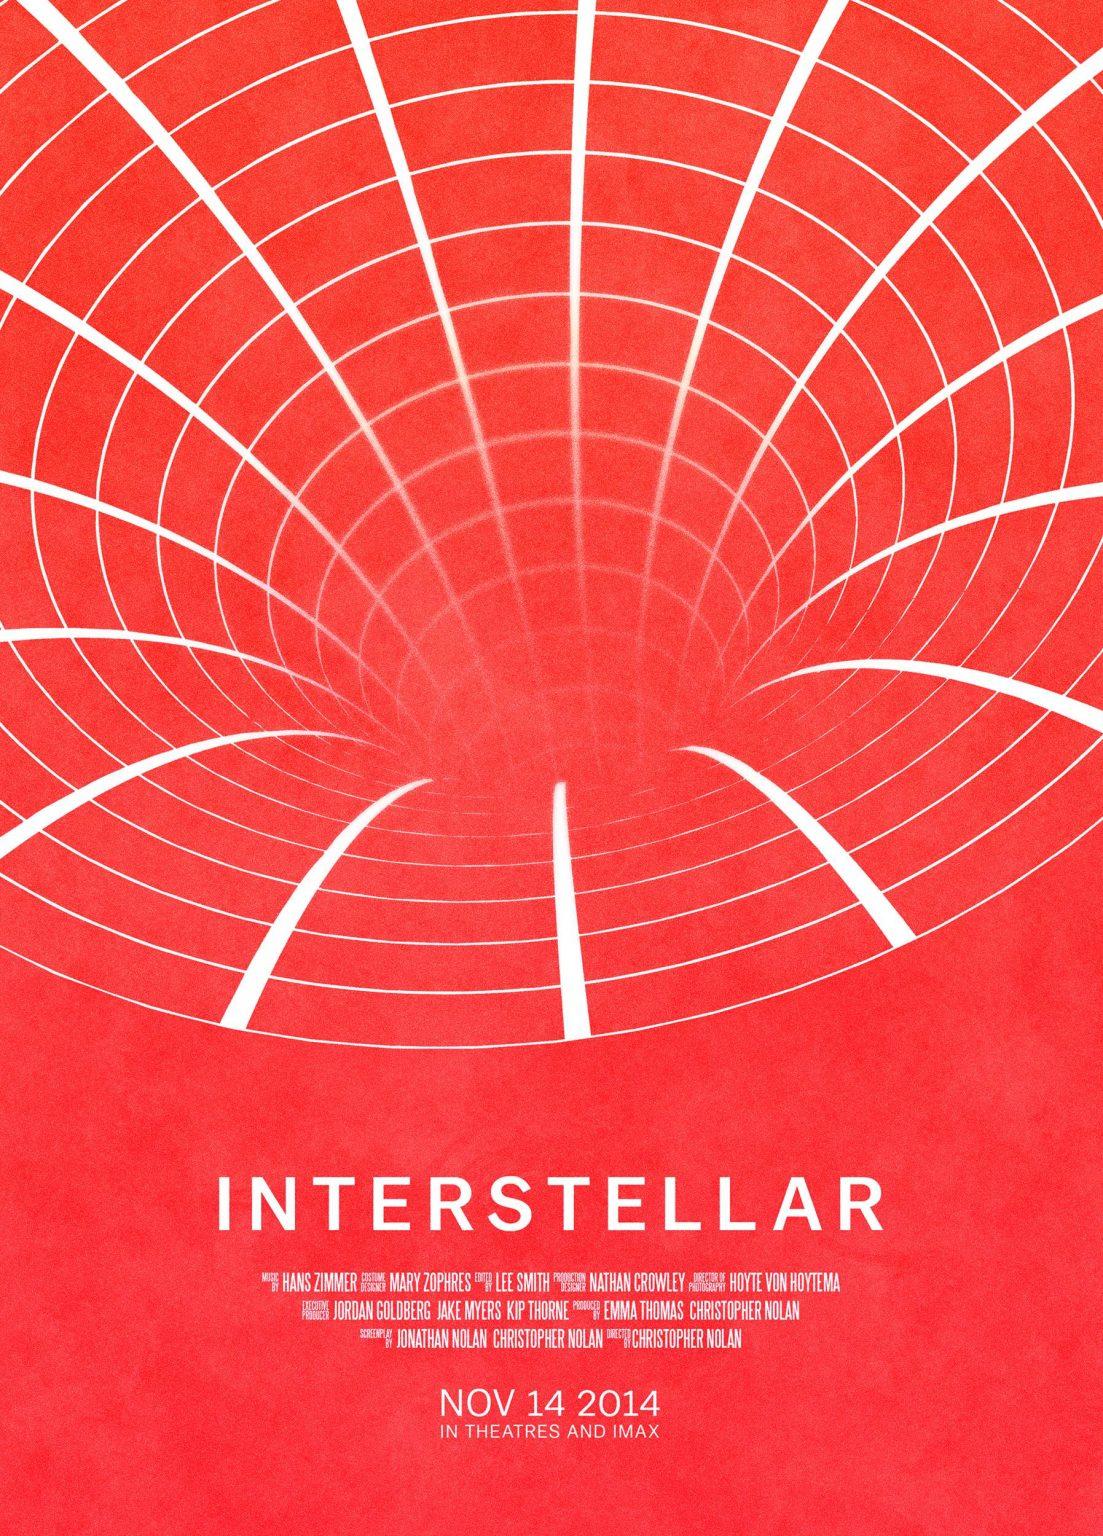 Niklas Beab Interstellar Poster Design